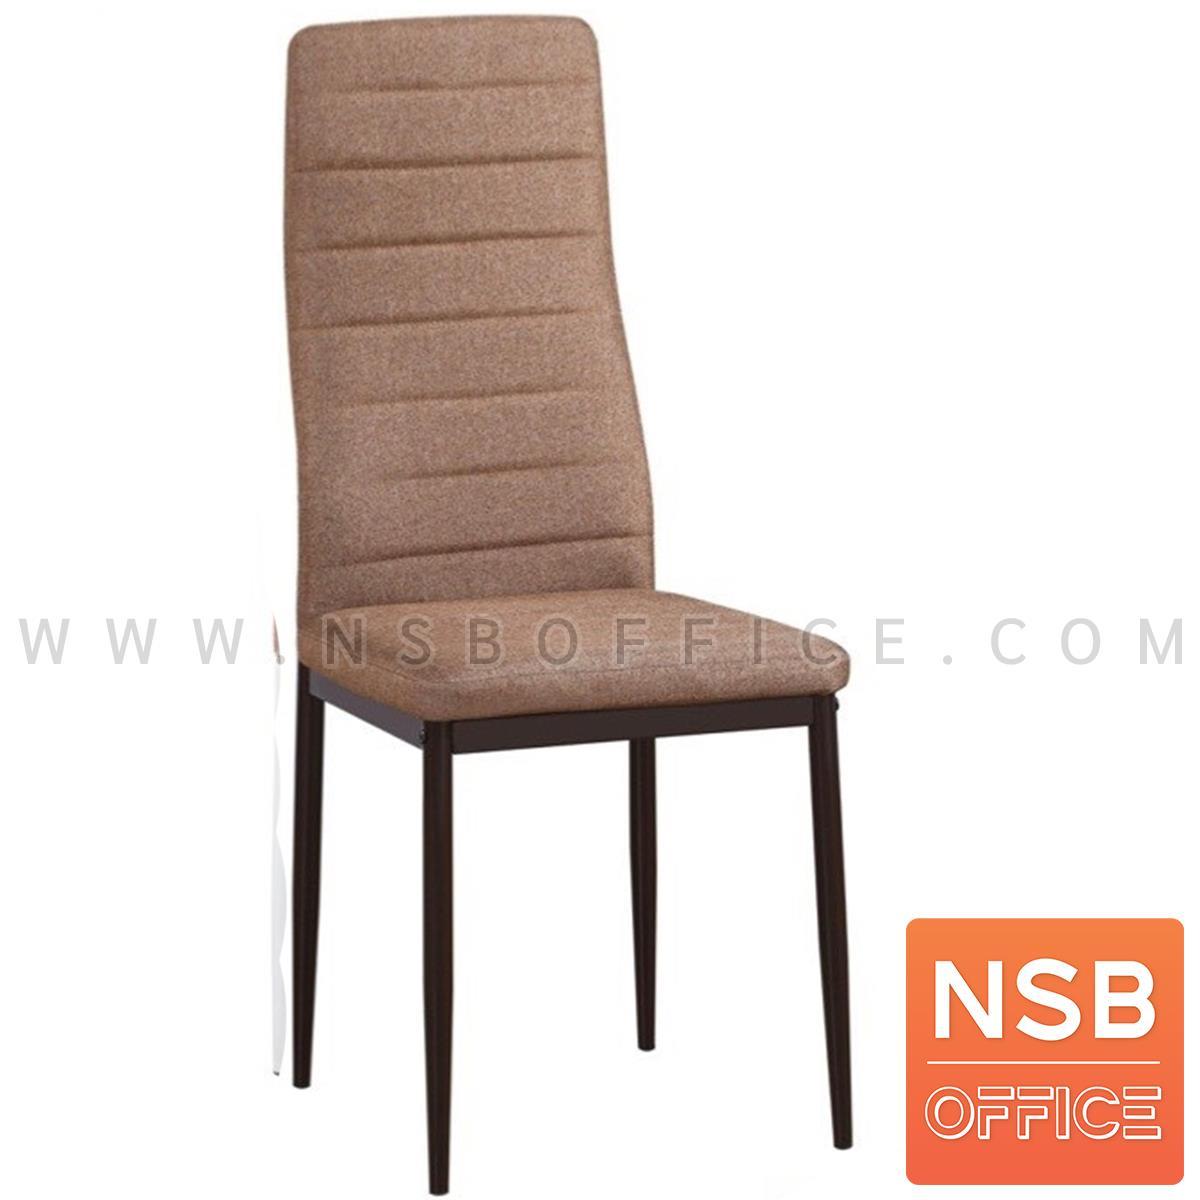 เก้าอี้รับประทานอาหาร รุ่น Raindeer (เรนเดียร์)  หุ้มผ้า ขาเหล็ก